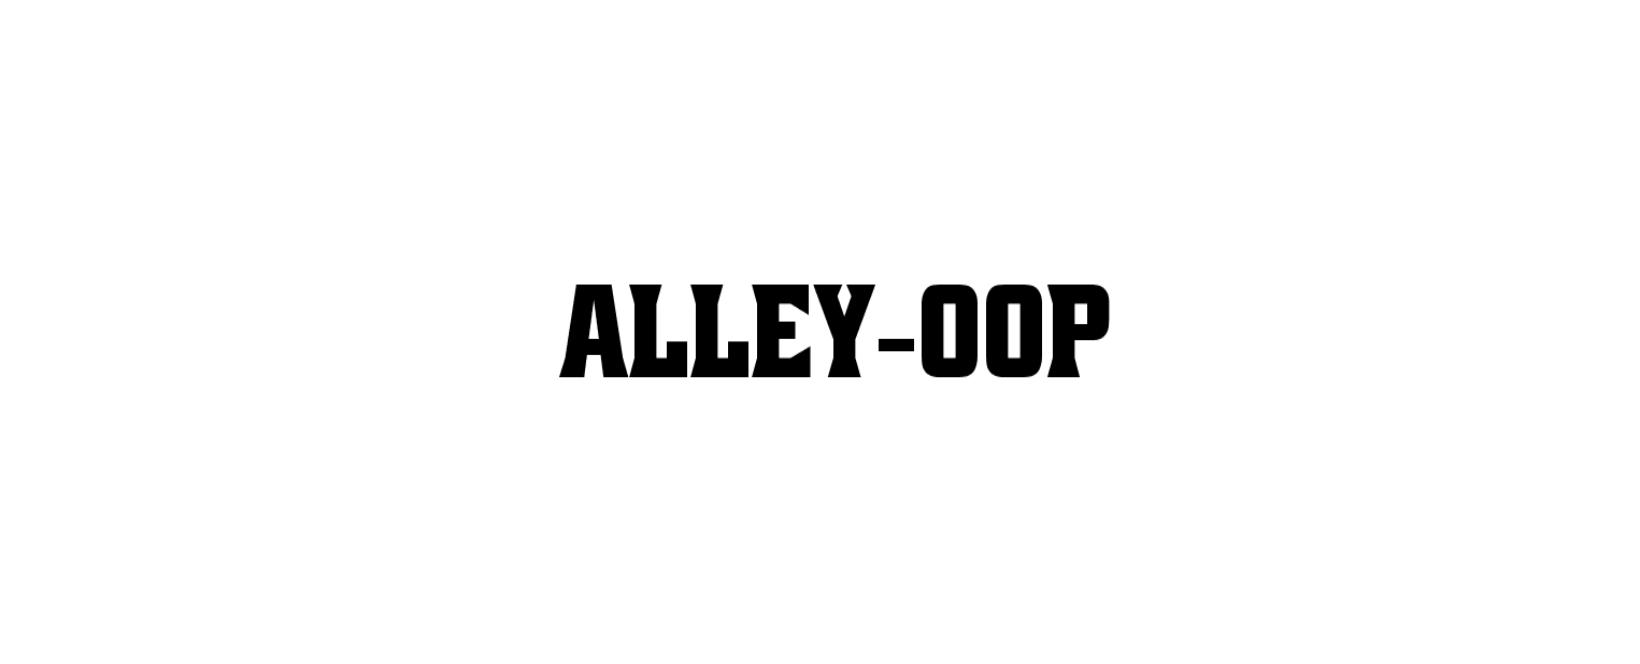 Alleyoop Discount Code 2021